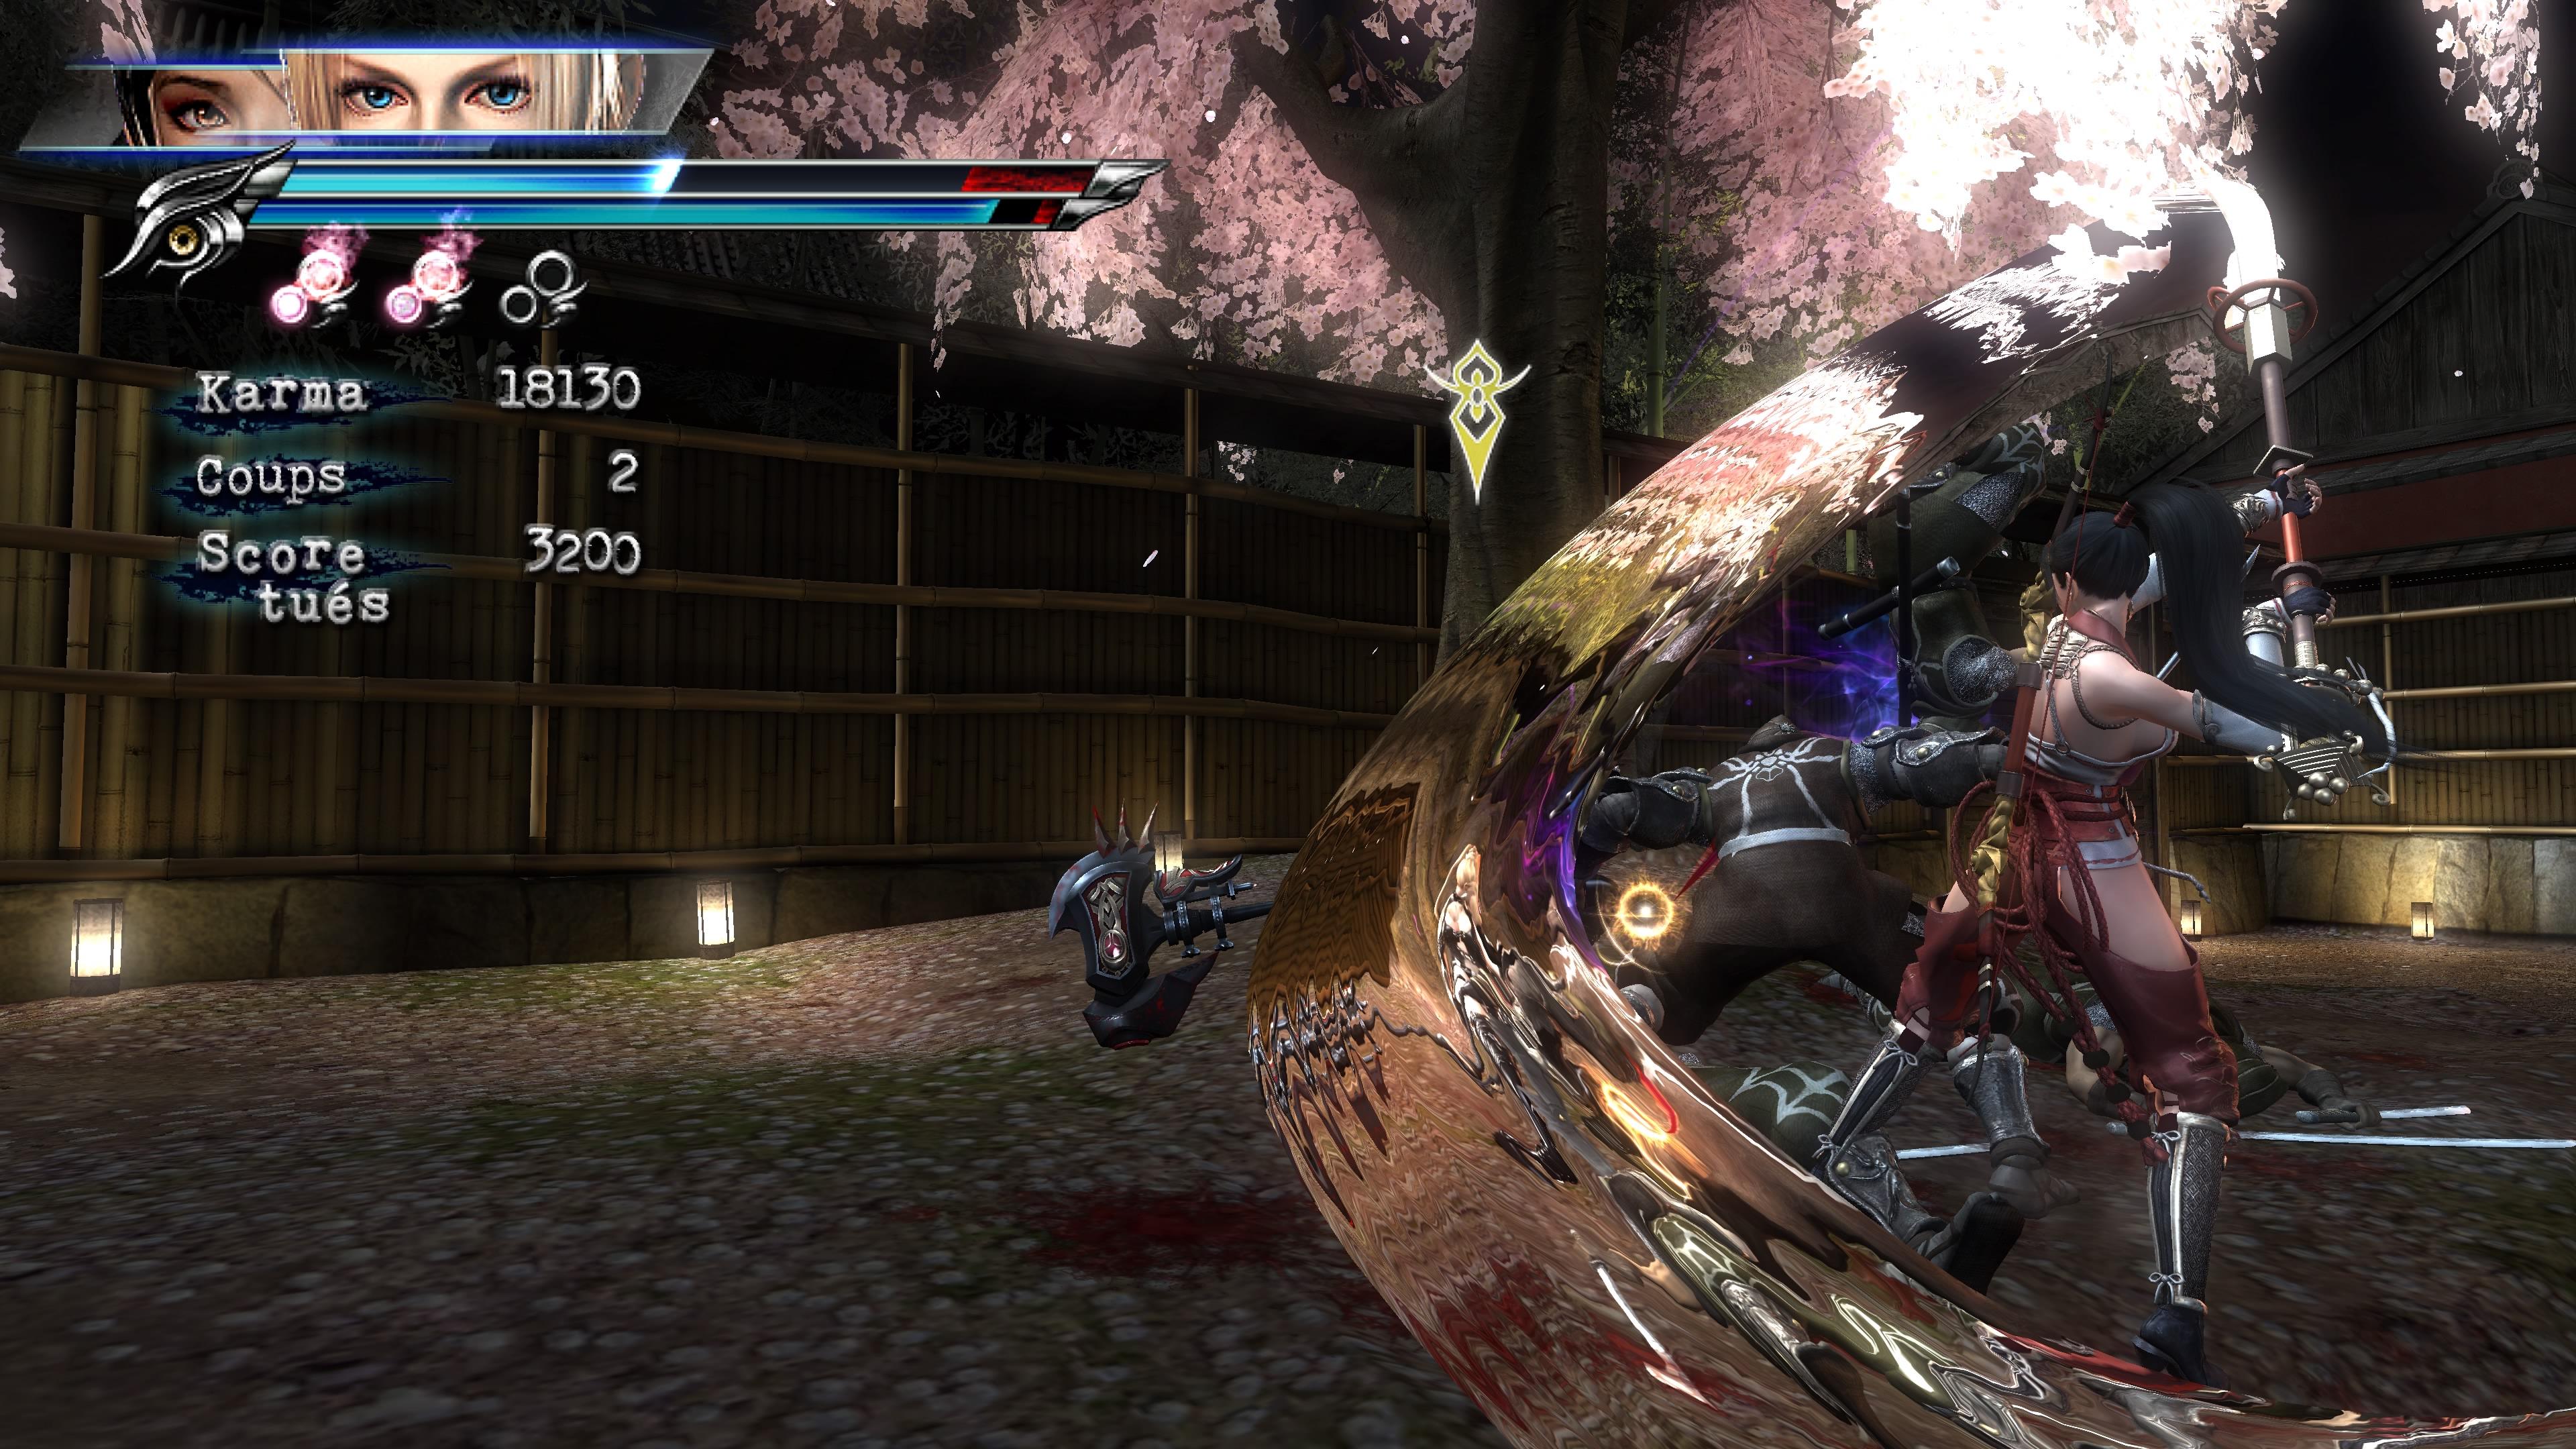 NinjaGaidenMasterCollection PS4 Test 014